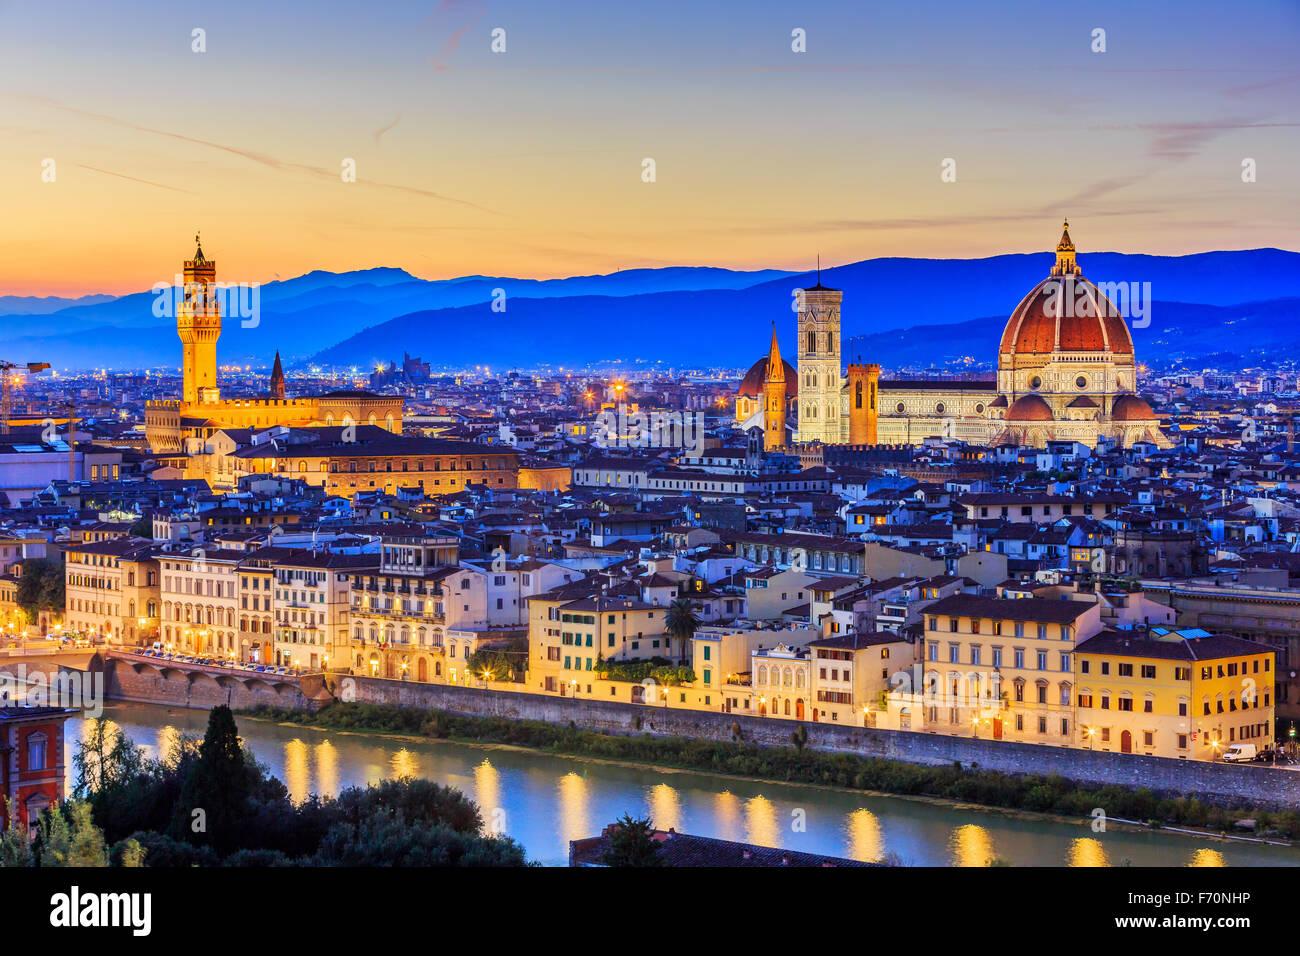 La Cathédrale et la coupole de Brunelleschi au coucher du soleil. Florence, Italie Photo Stock